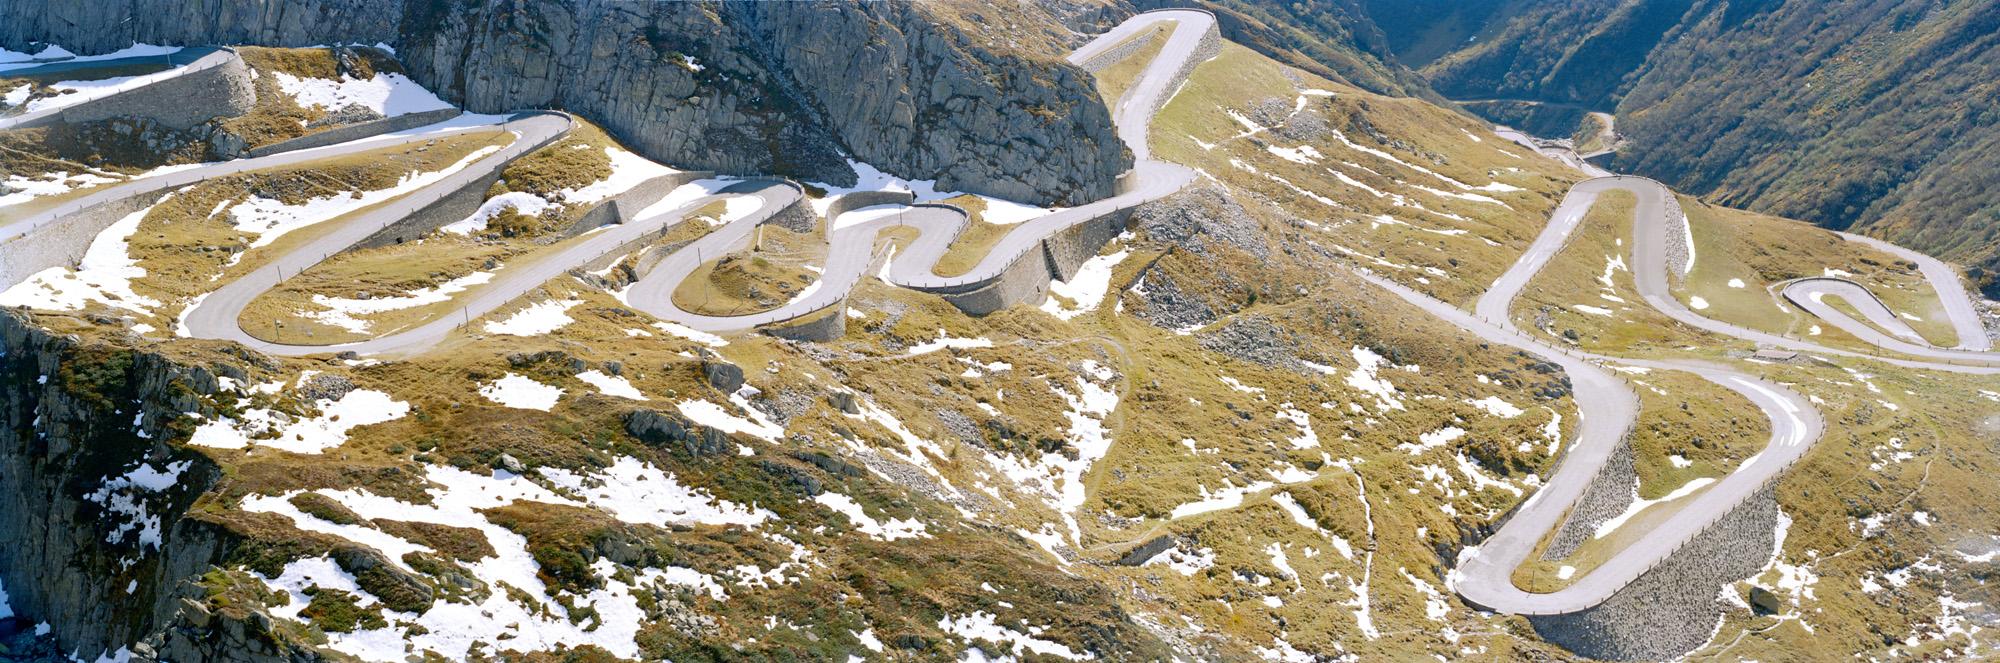 Alpenpässe, Alpen, Schweiz, Italien, Österreich, Deutschland, Natur, Landschaften, Pässe, Straßen, Steine, Berge, Wiesen, Grün, Gras, Bergluft, Blau, Himmel, Gotthardpass, St Gotthard,